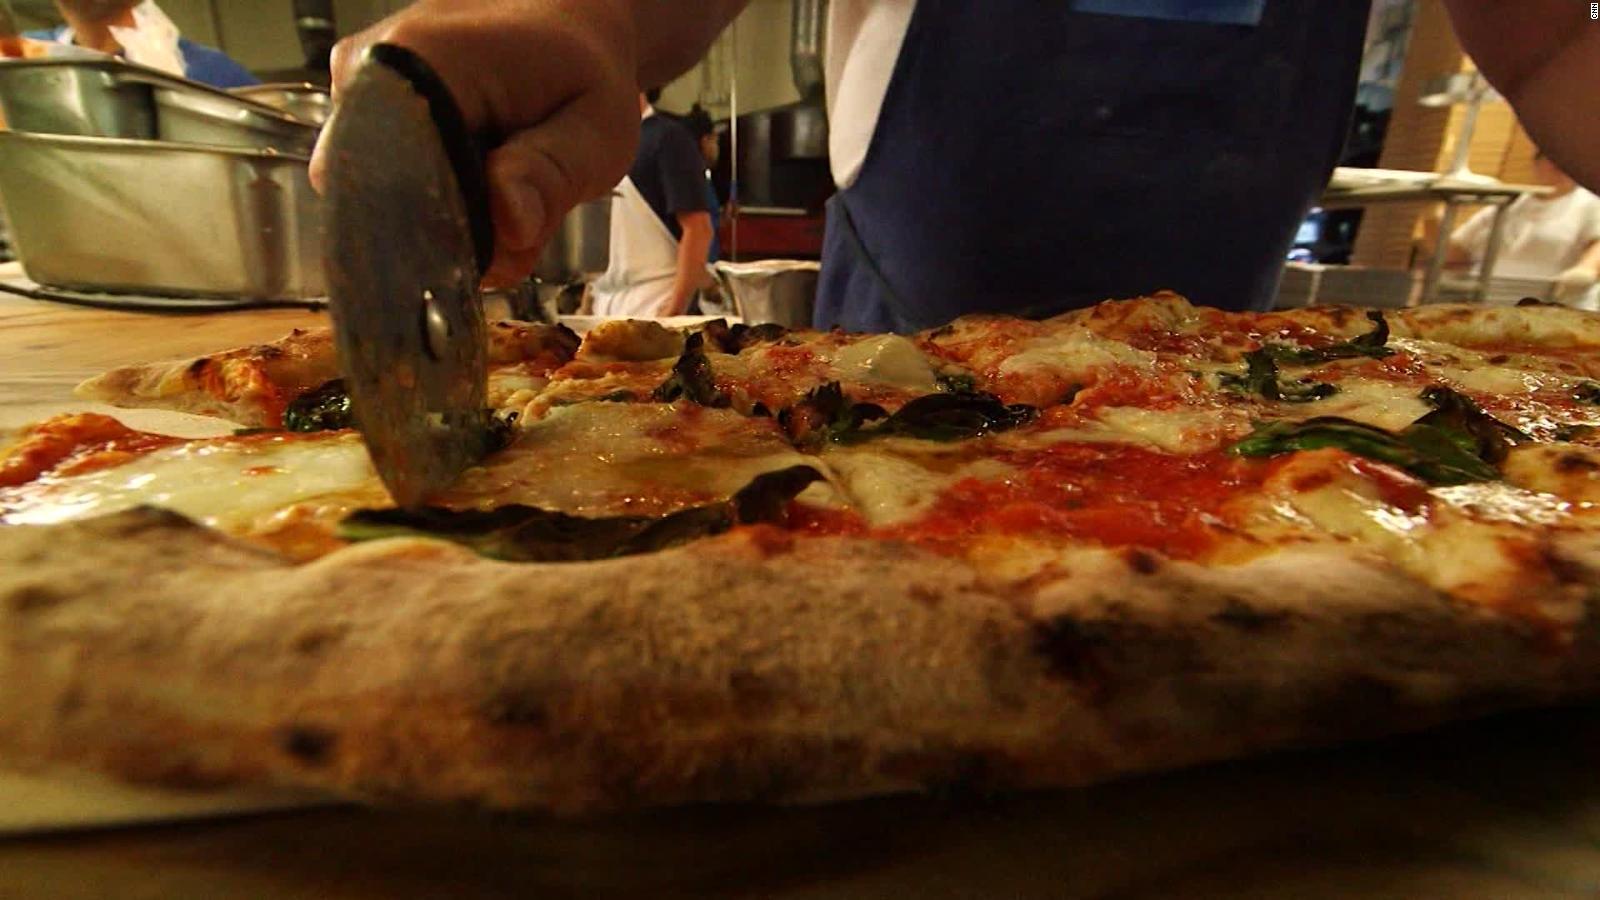 913030 100 Pizza Boxes Pizza Box pizzabox to go 30 cm Pizza Box Francia